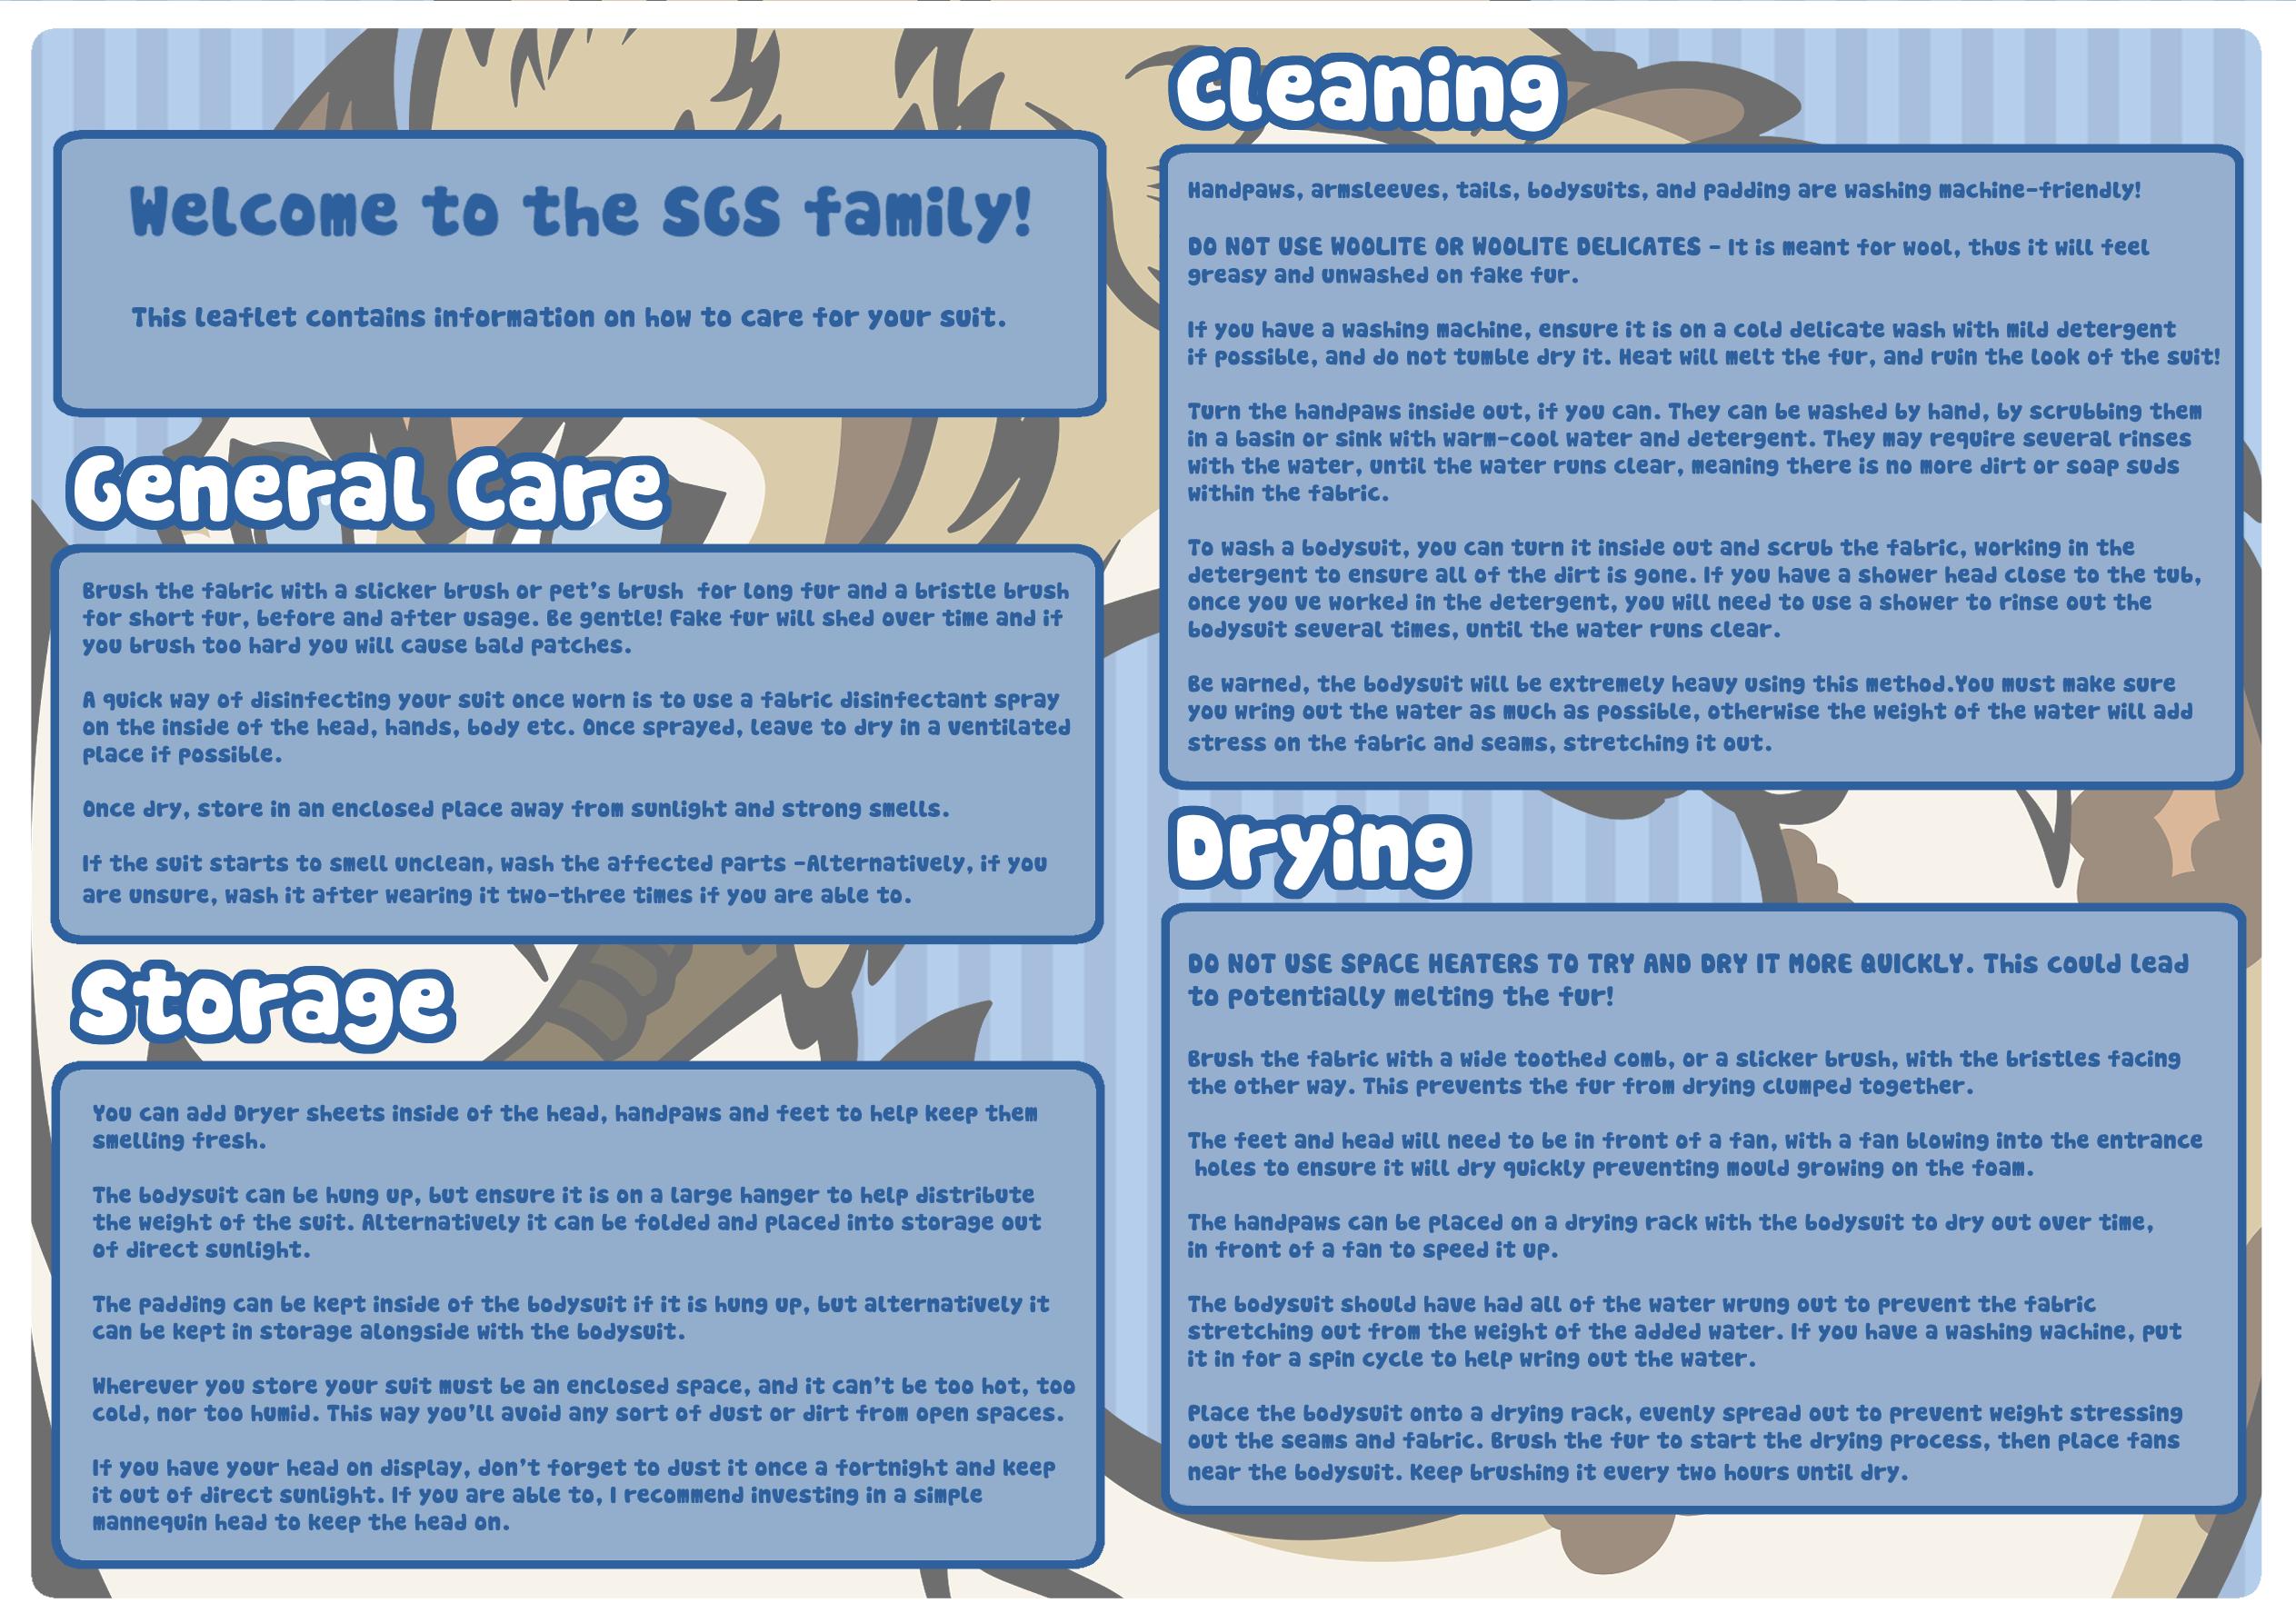 Care leaflet